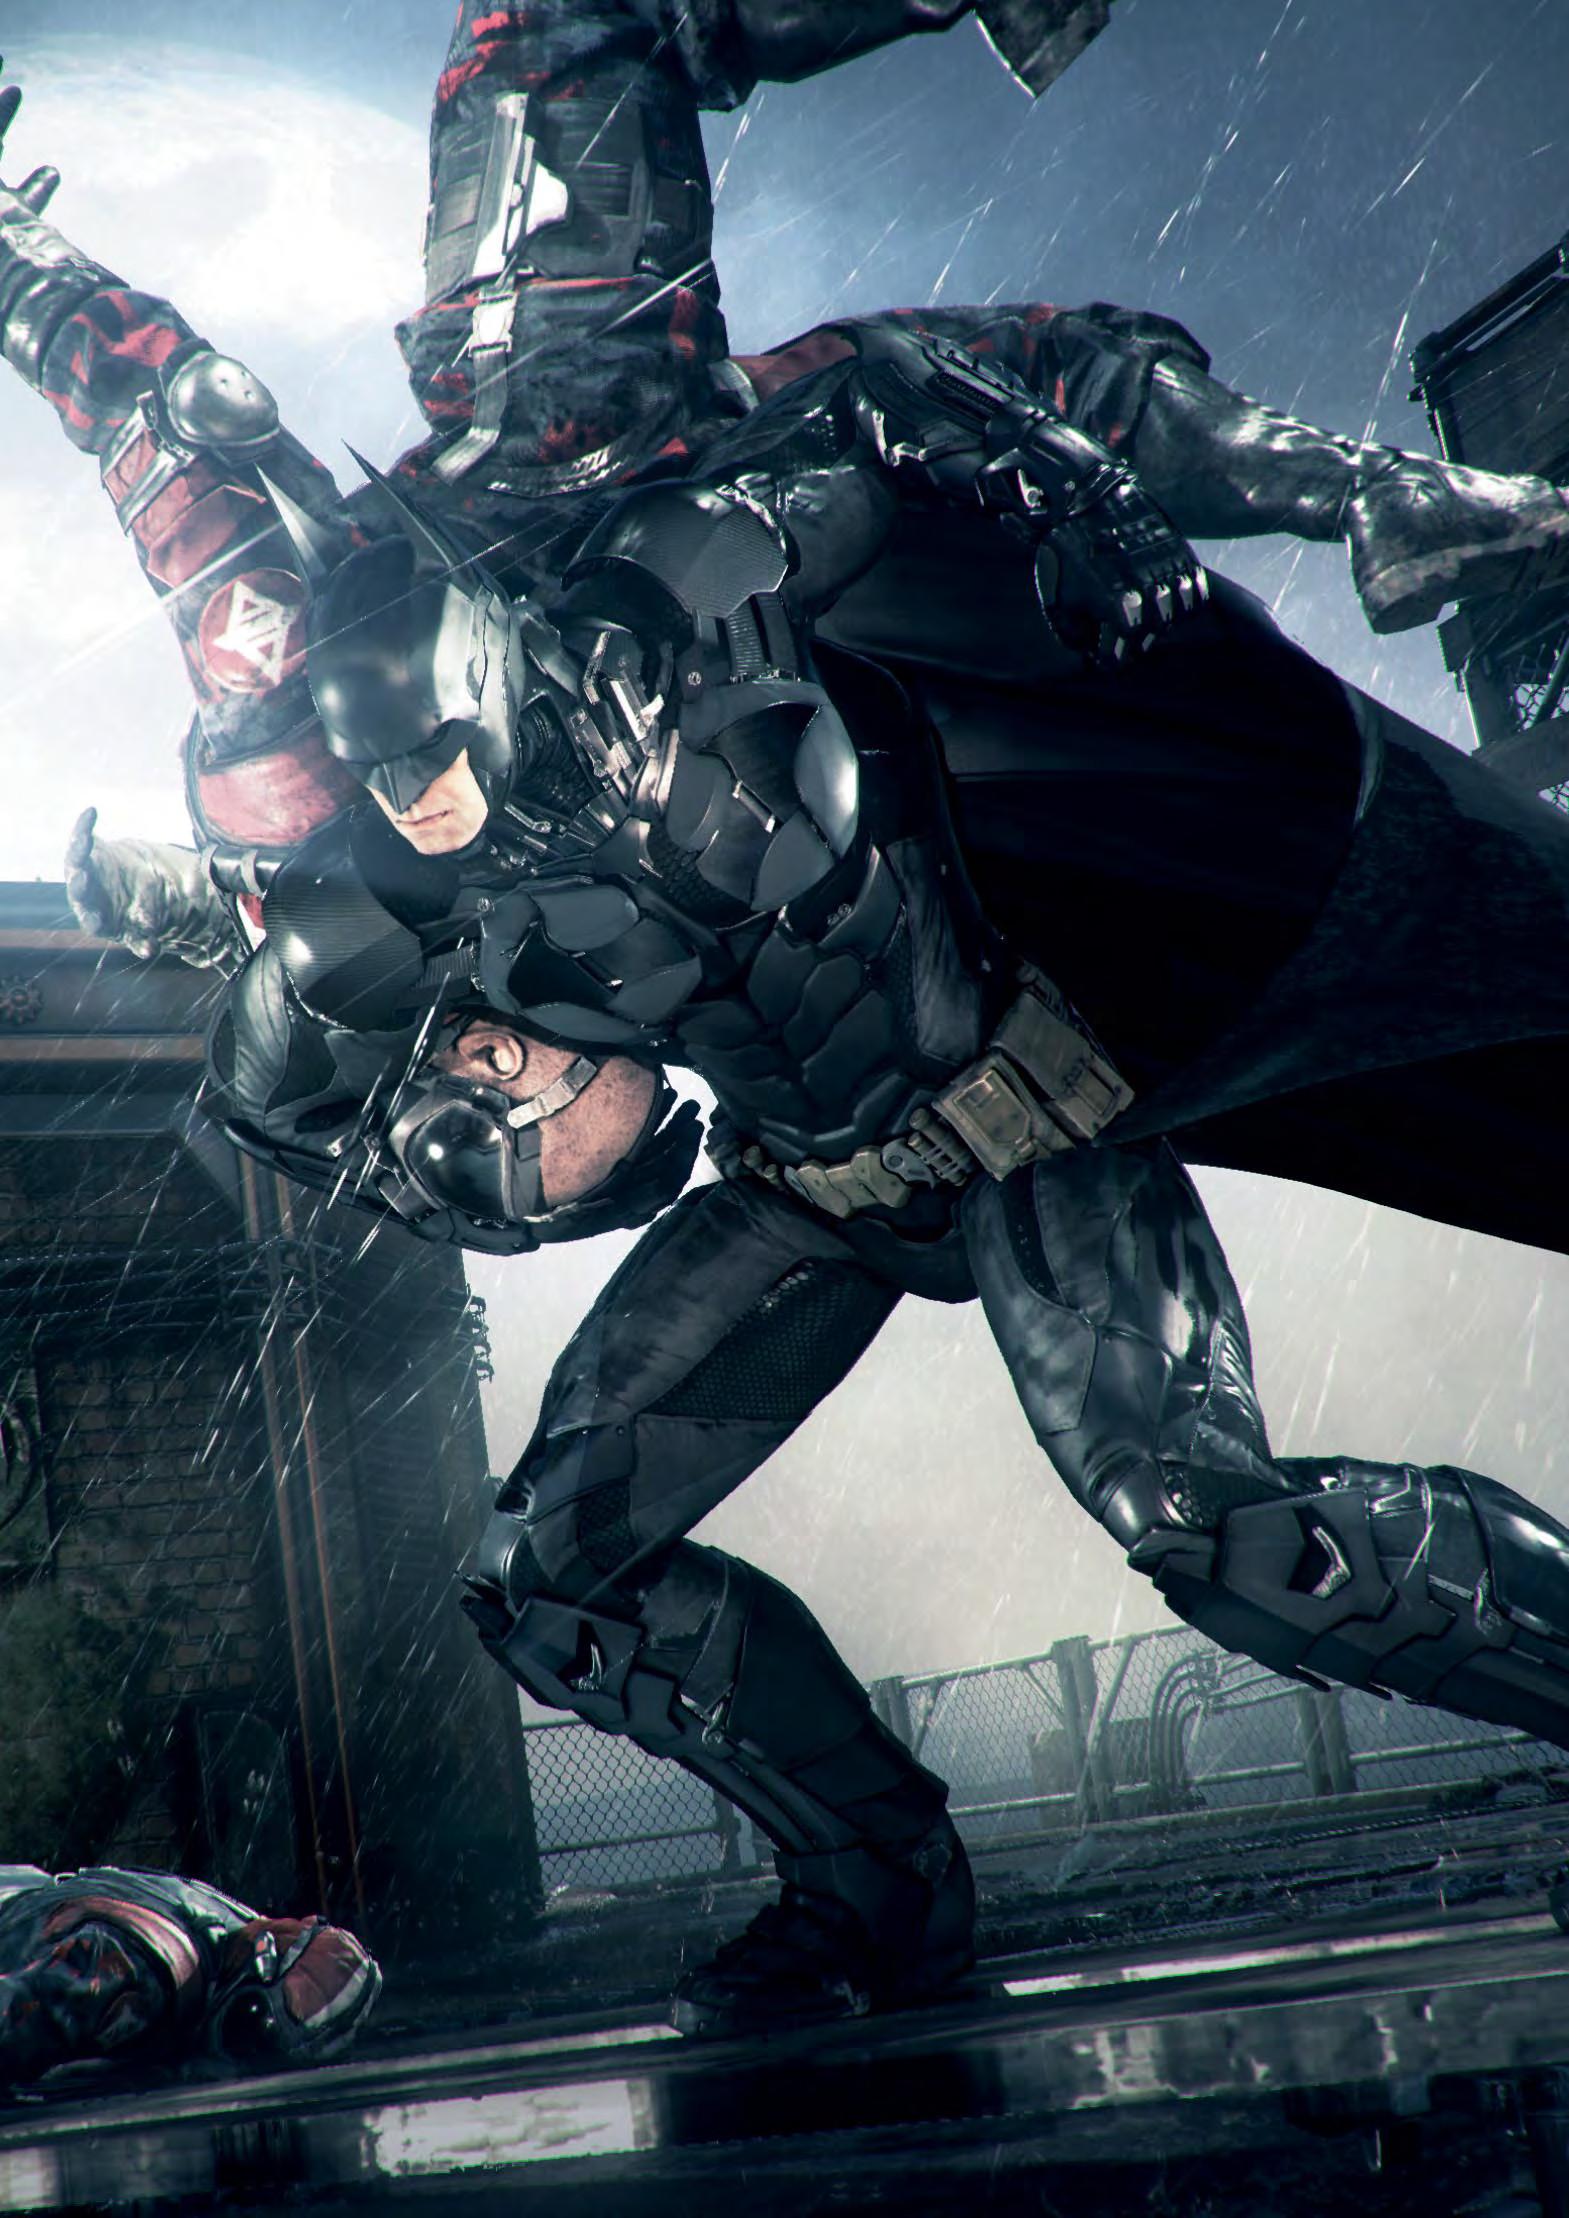 Obrazem: Svět a postavy z Batman: Arkham Knight 94659